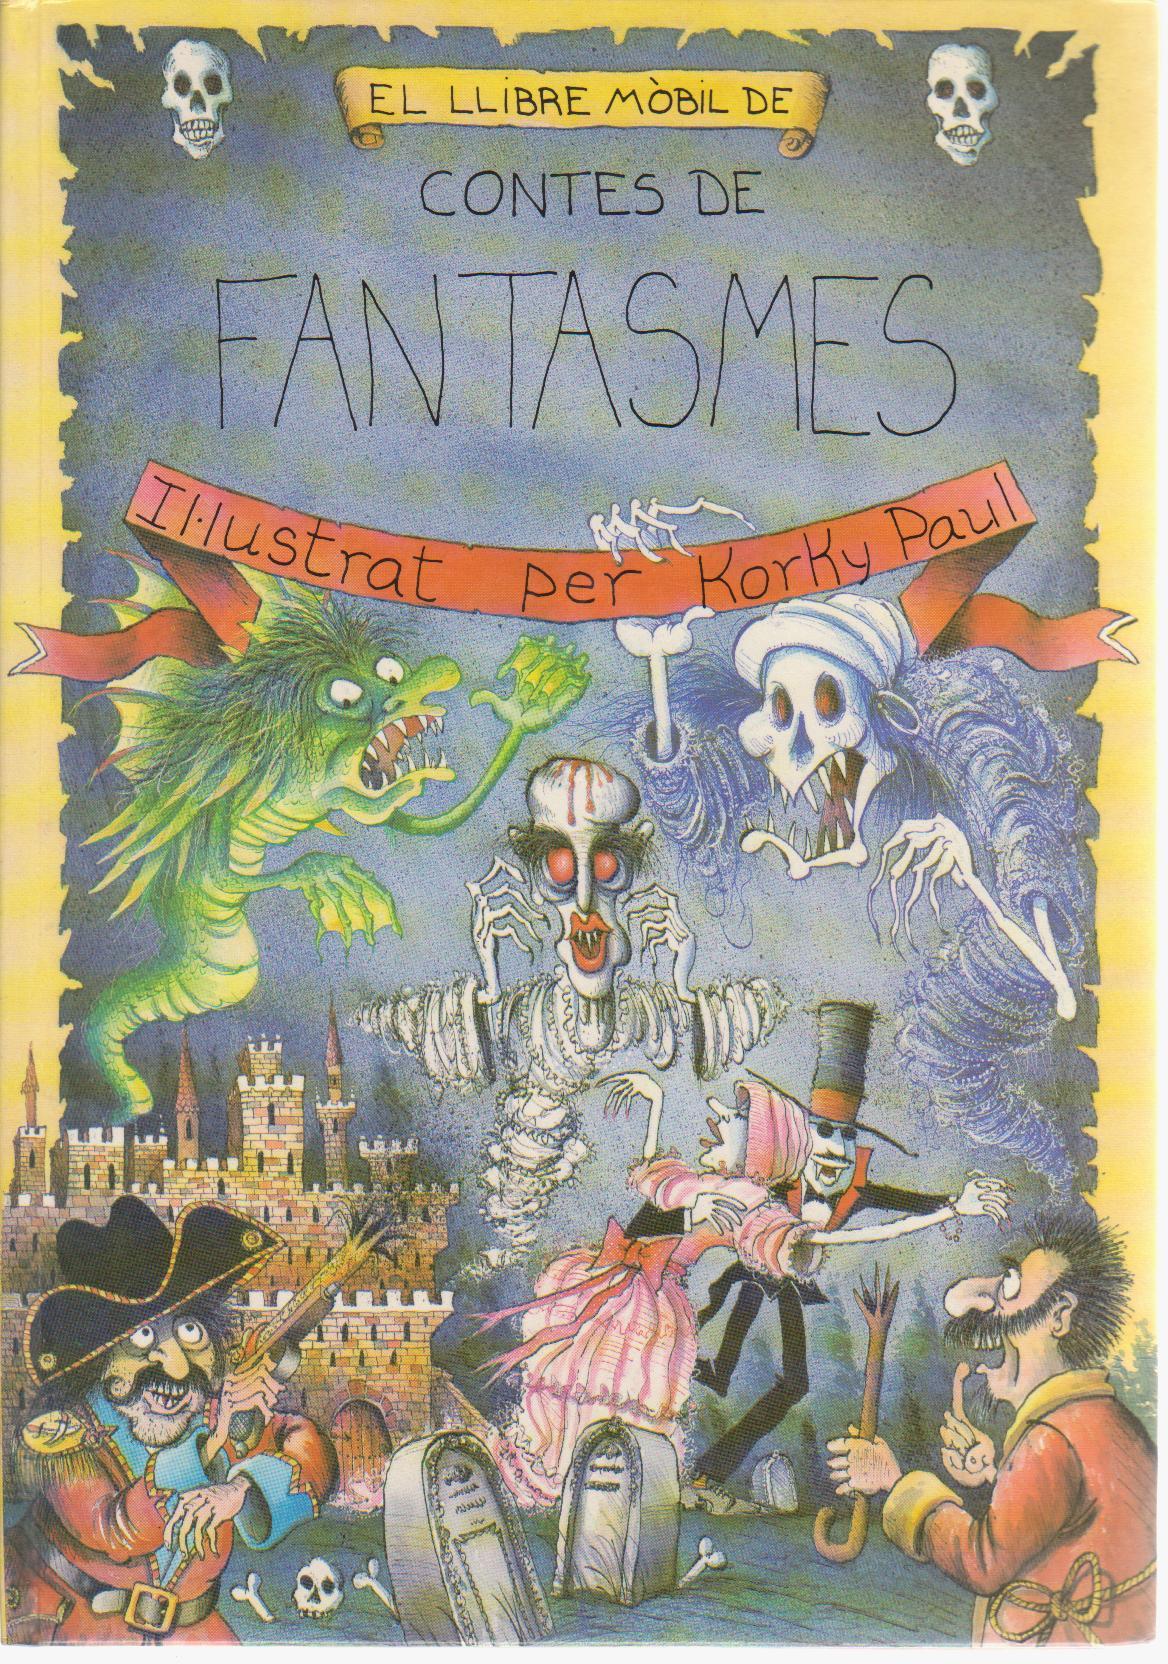 El llibre mòbil de contes de fantasmes